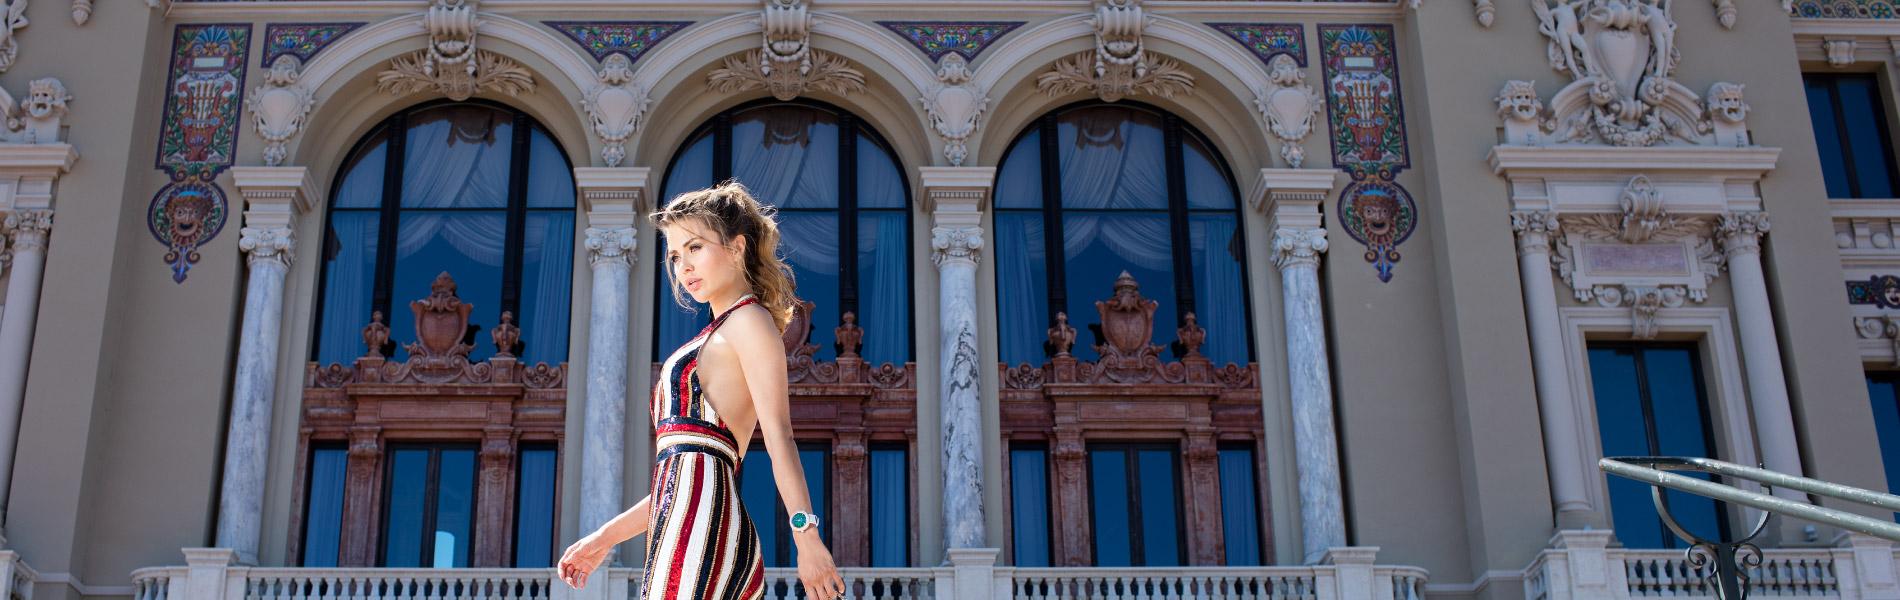 La mode à Monaco, symbole de prestige et d'élégance